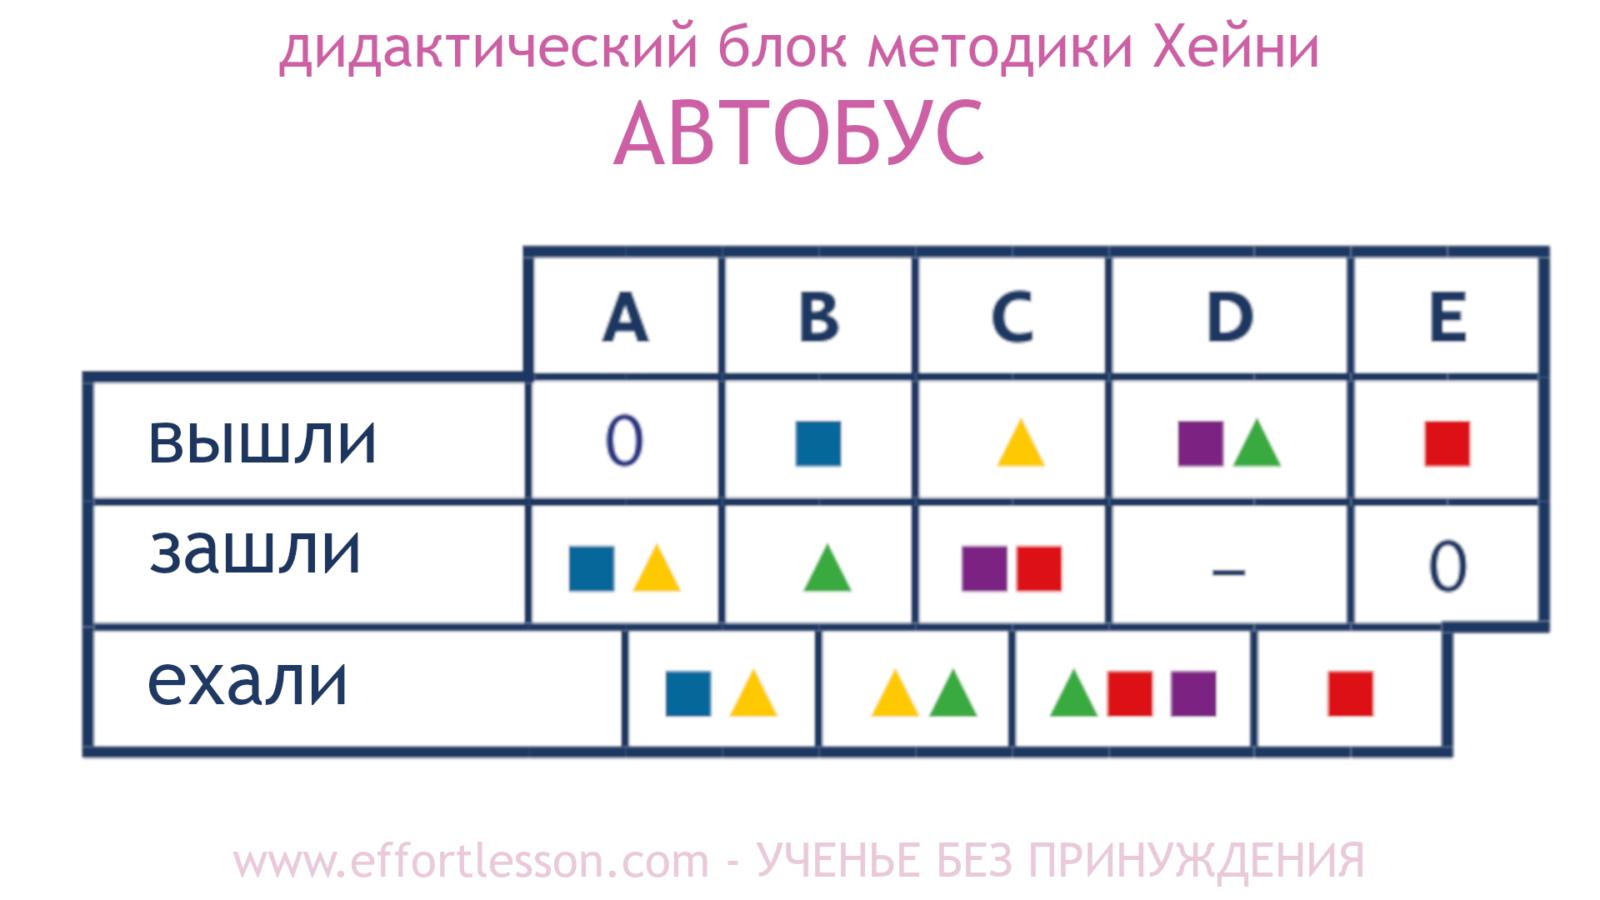 Таблица Автобус метод Хейни 5.1